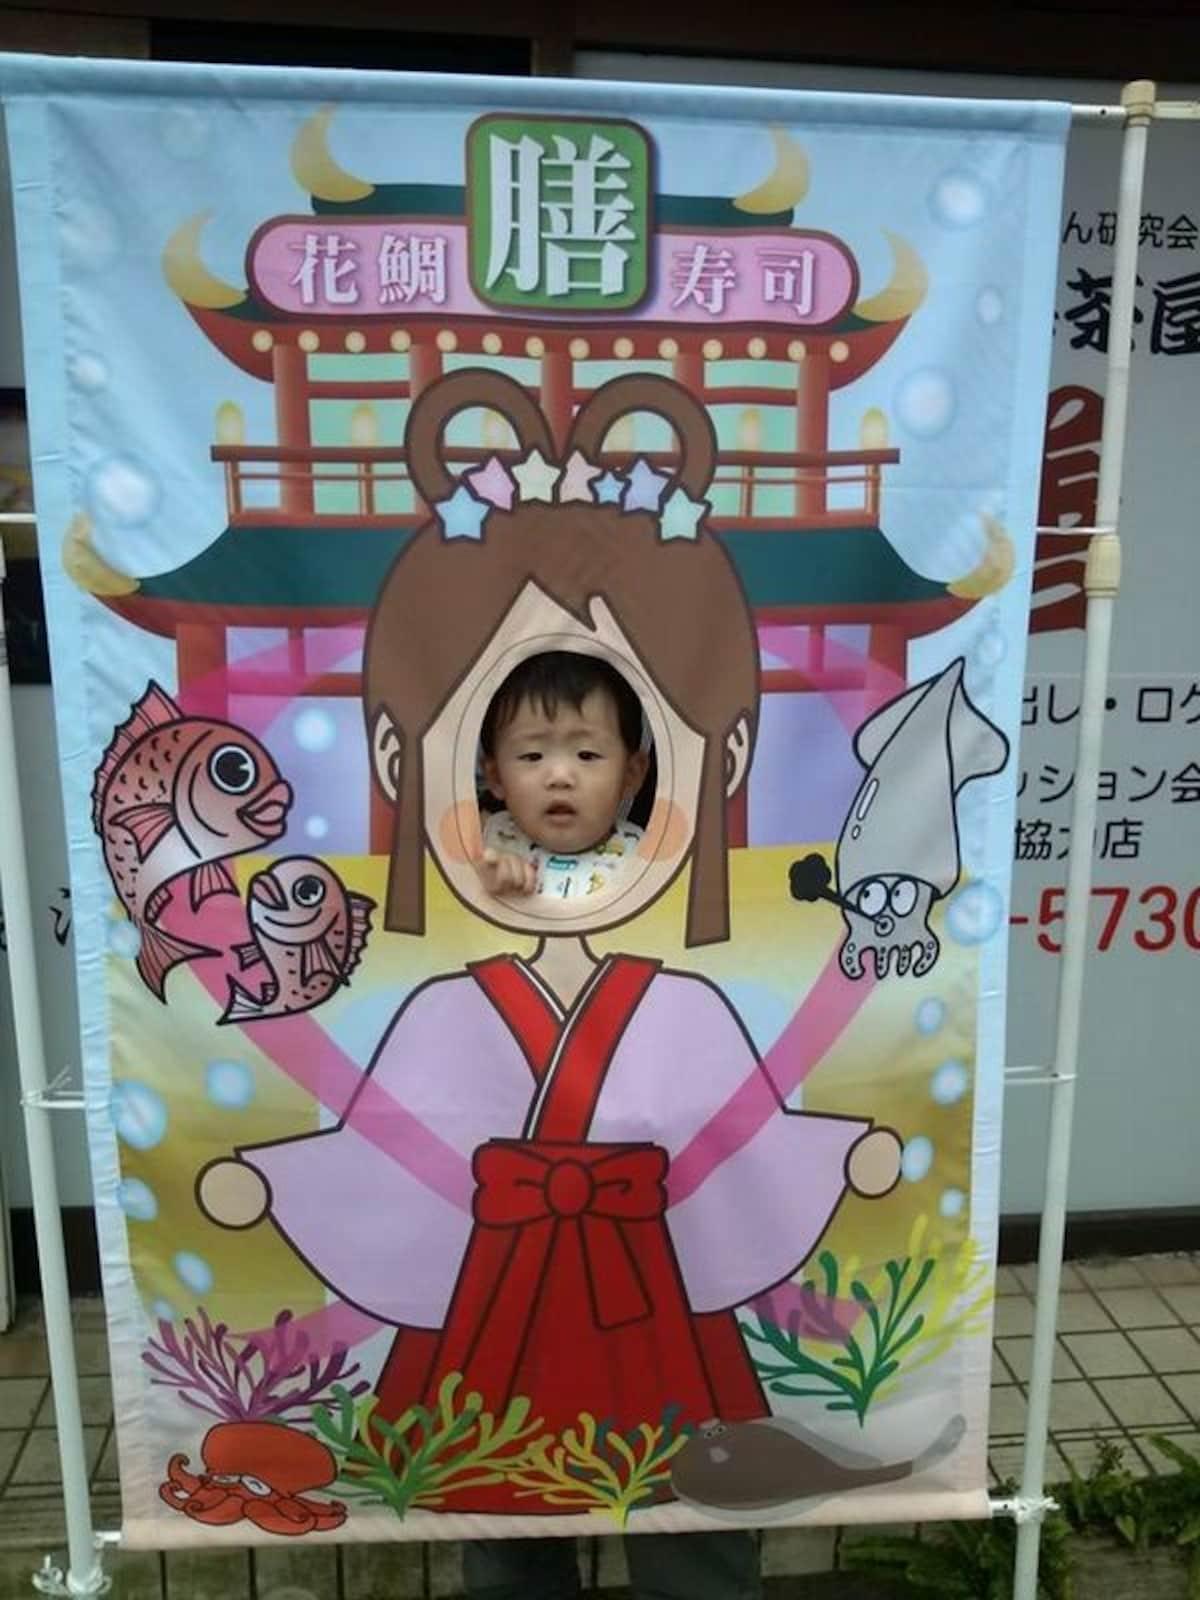 5. 你是可愛的壽司公主